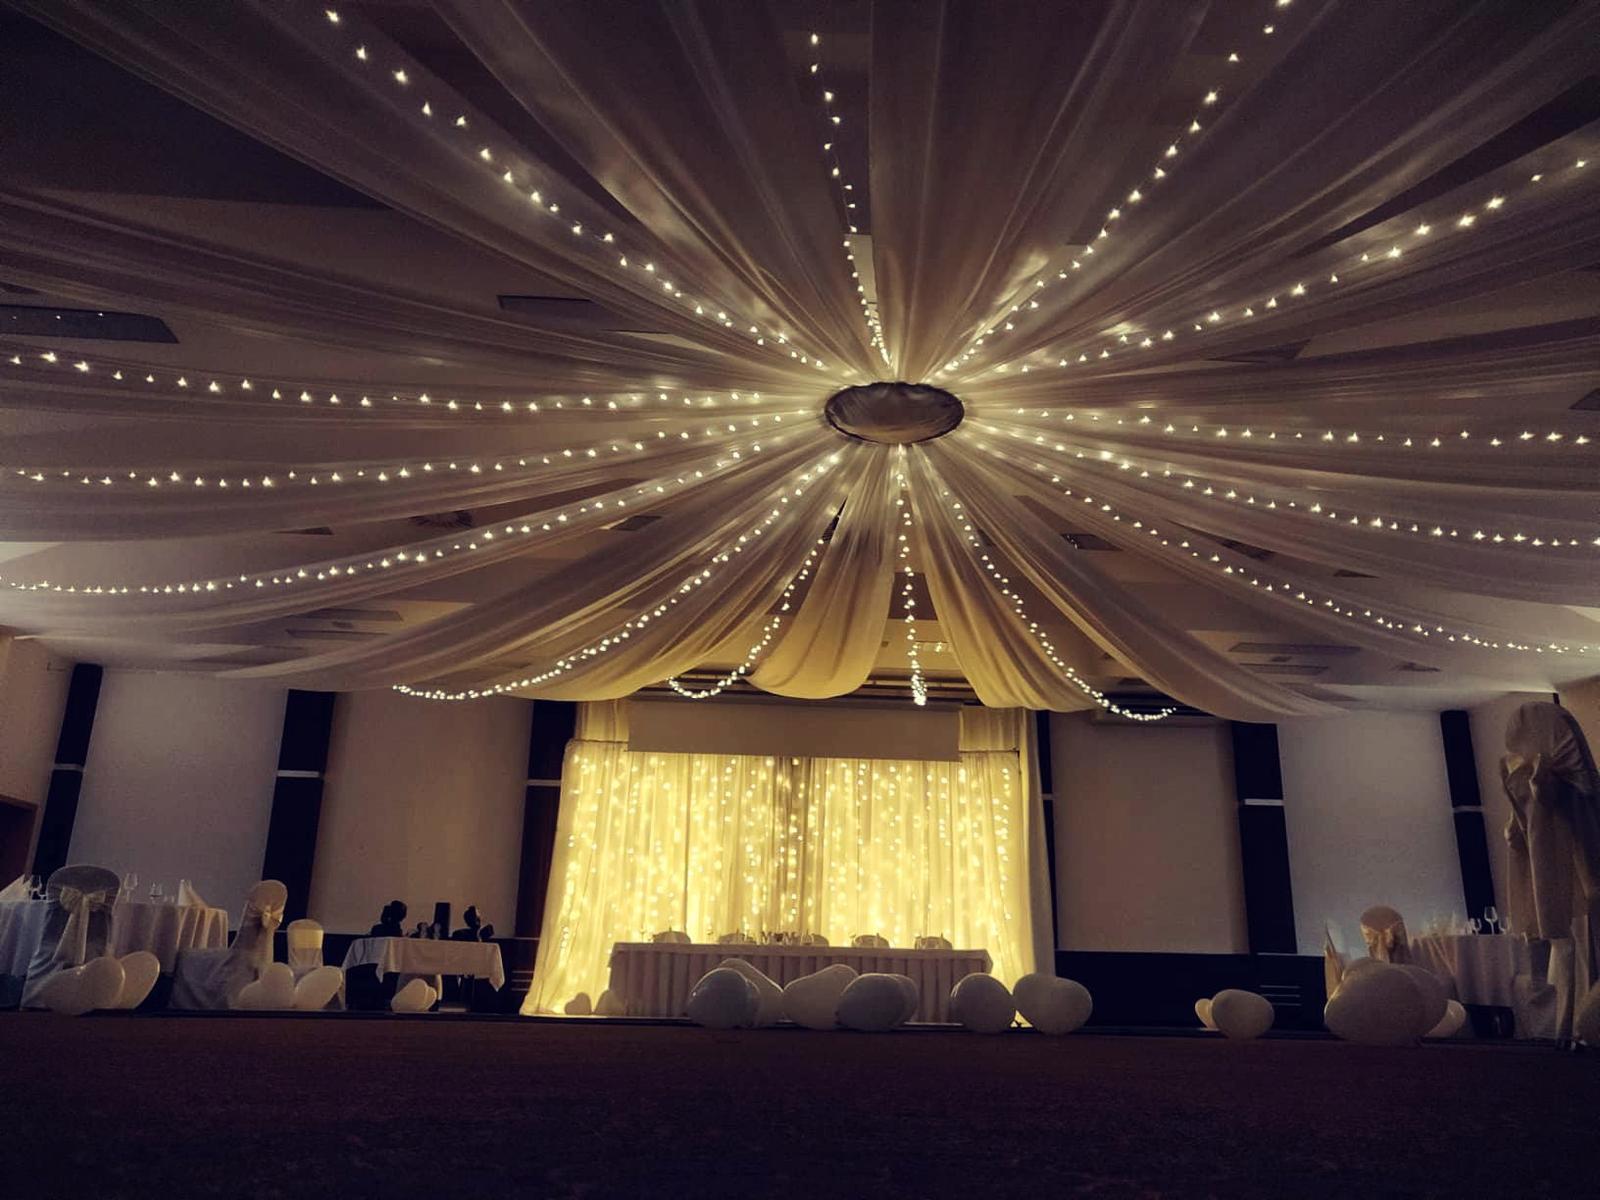 Baldachýnové stropné dekorácie na svadbe 11.8.2018 - Obrázok č. 1